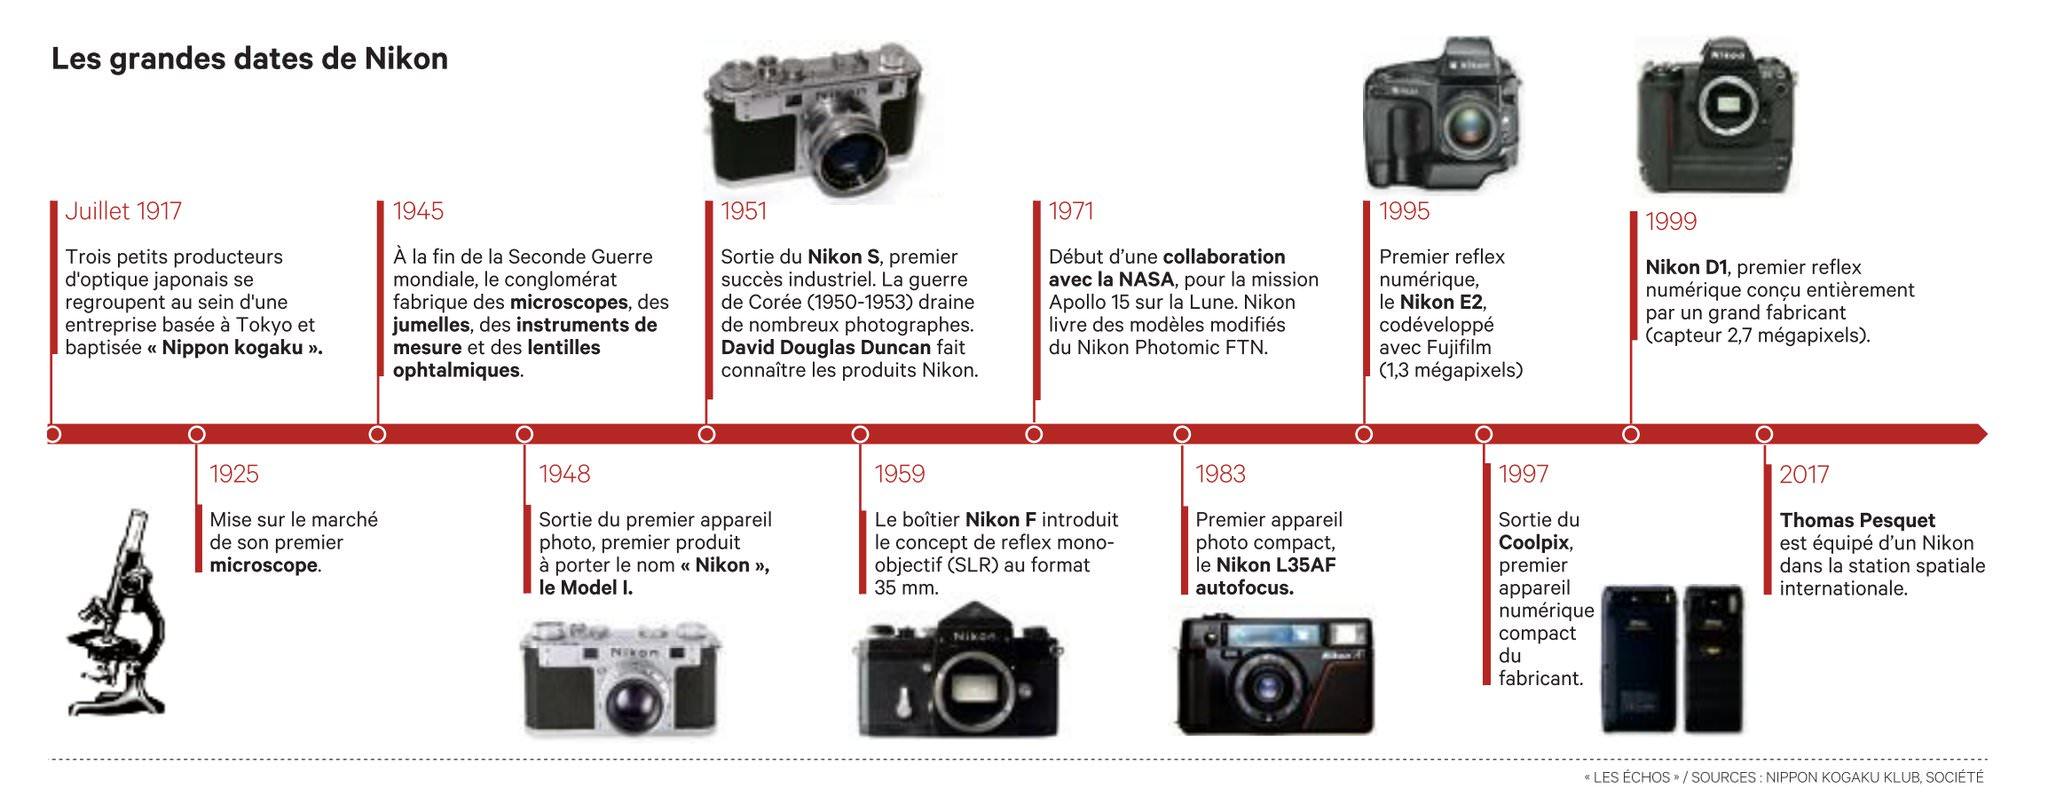 Les grandes dates de Nikon